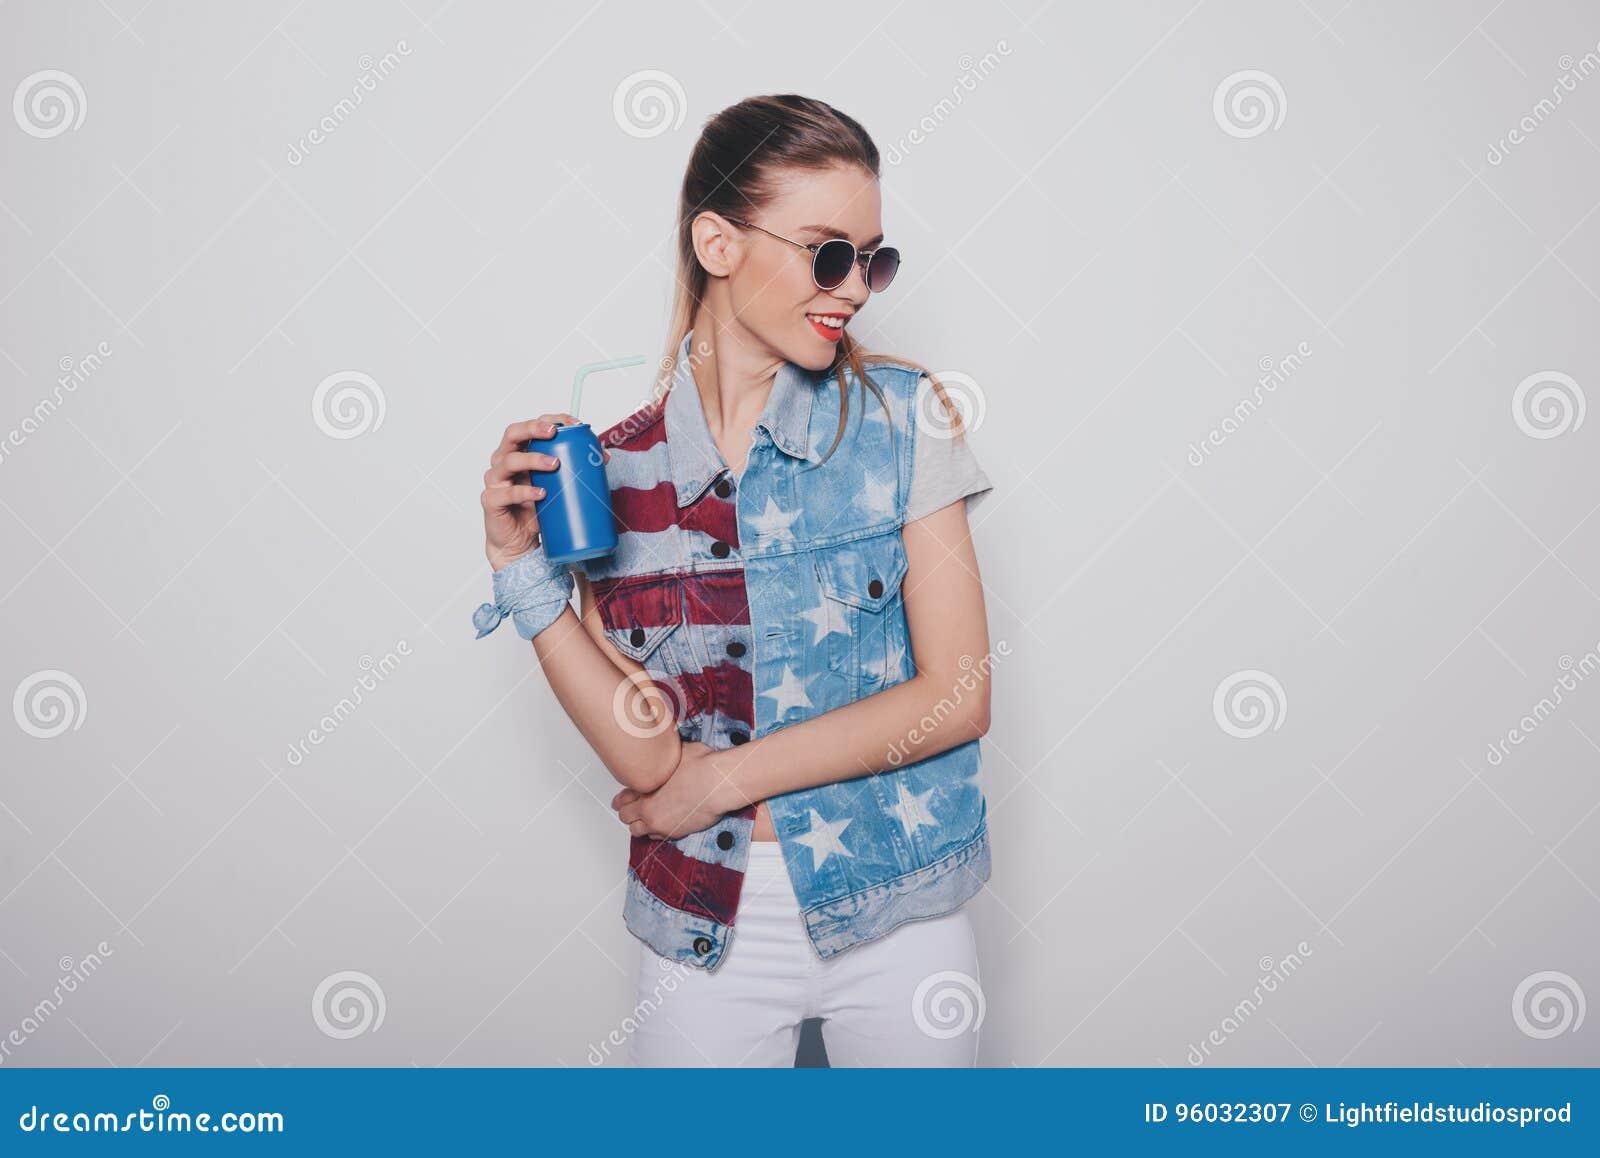 Modniś blondynki dziewczyna trzyma sodowaną puszkę odizolowywająca na popielatym w amerykańskim patriotycznym stroju i okularach